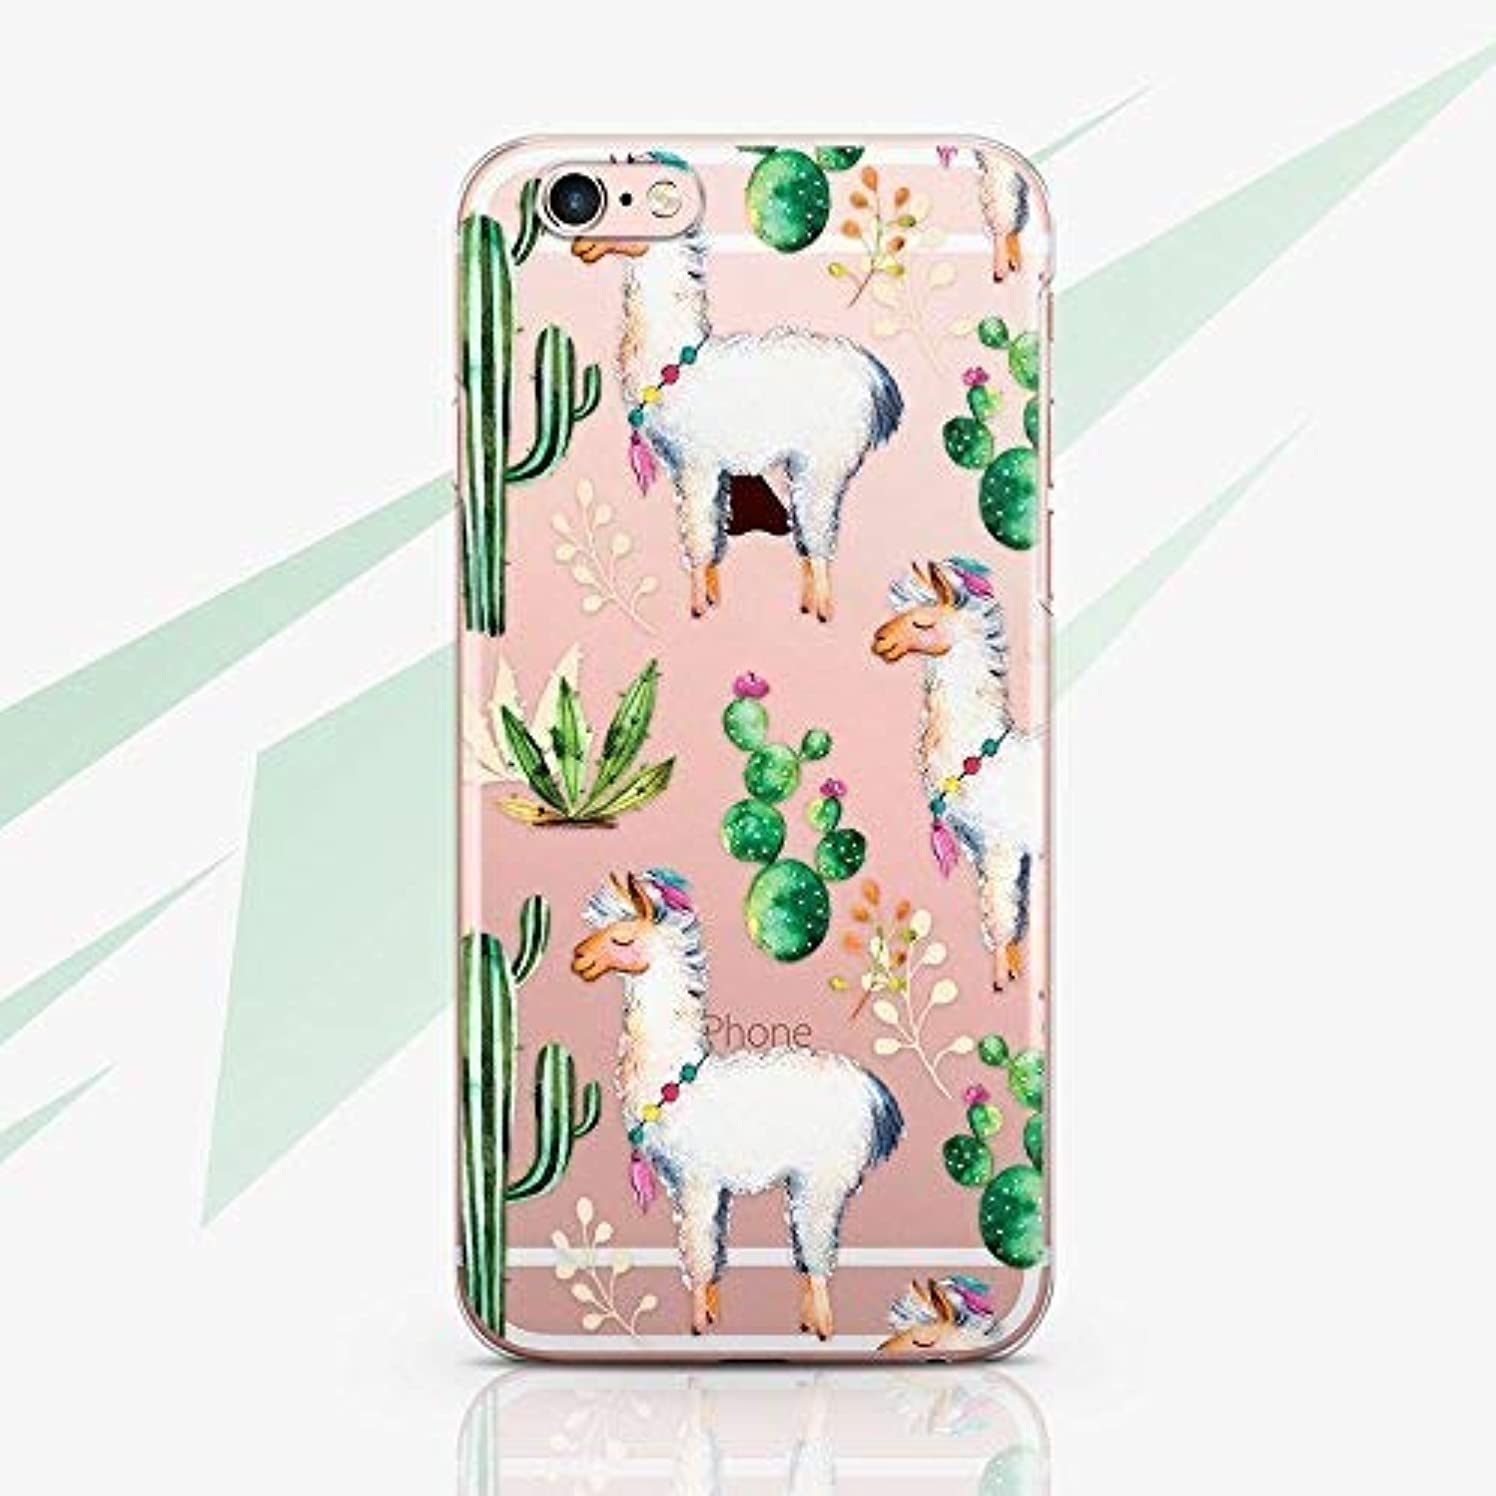 Lama No Prob Lama Case Cell Phone Silicone Plastic Case for Apple iPhone X XS Max XR 10 8 7 Plus iPhone 6 6S Plus iPhone 4 4S iPhone 5 5S 5C SE Protective Cover Case Alpaca Cactus RA1591